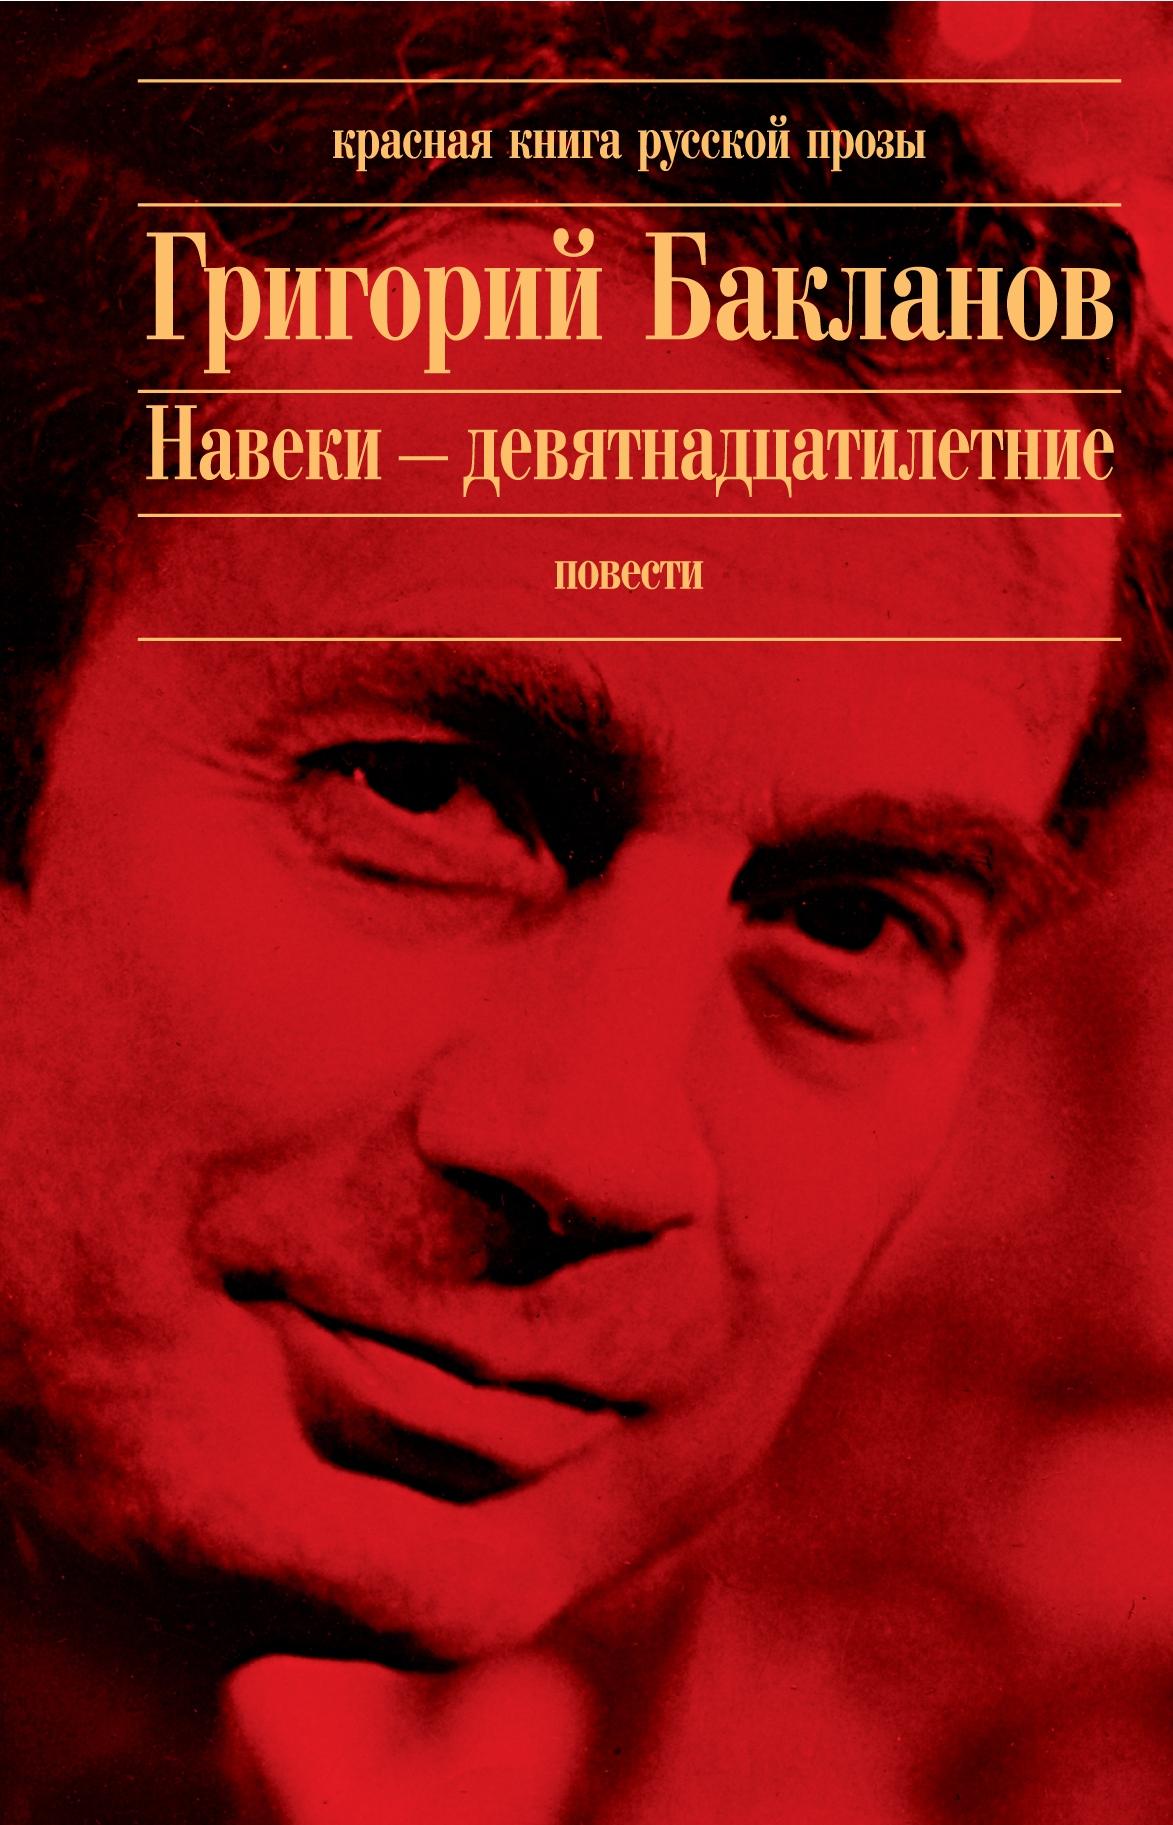 Григорий Бакланов Июль 41 года бакланов григорий яковлевич июль 41 года навеки девятнадцатилетние